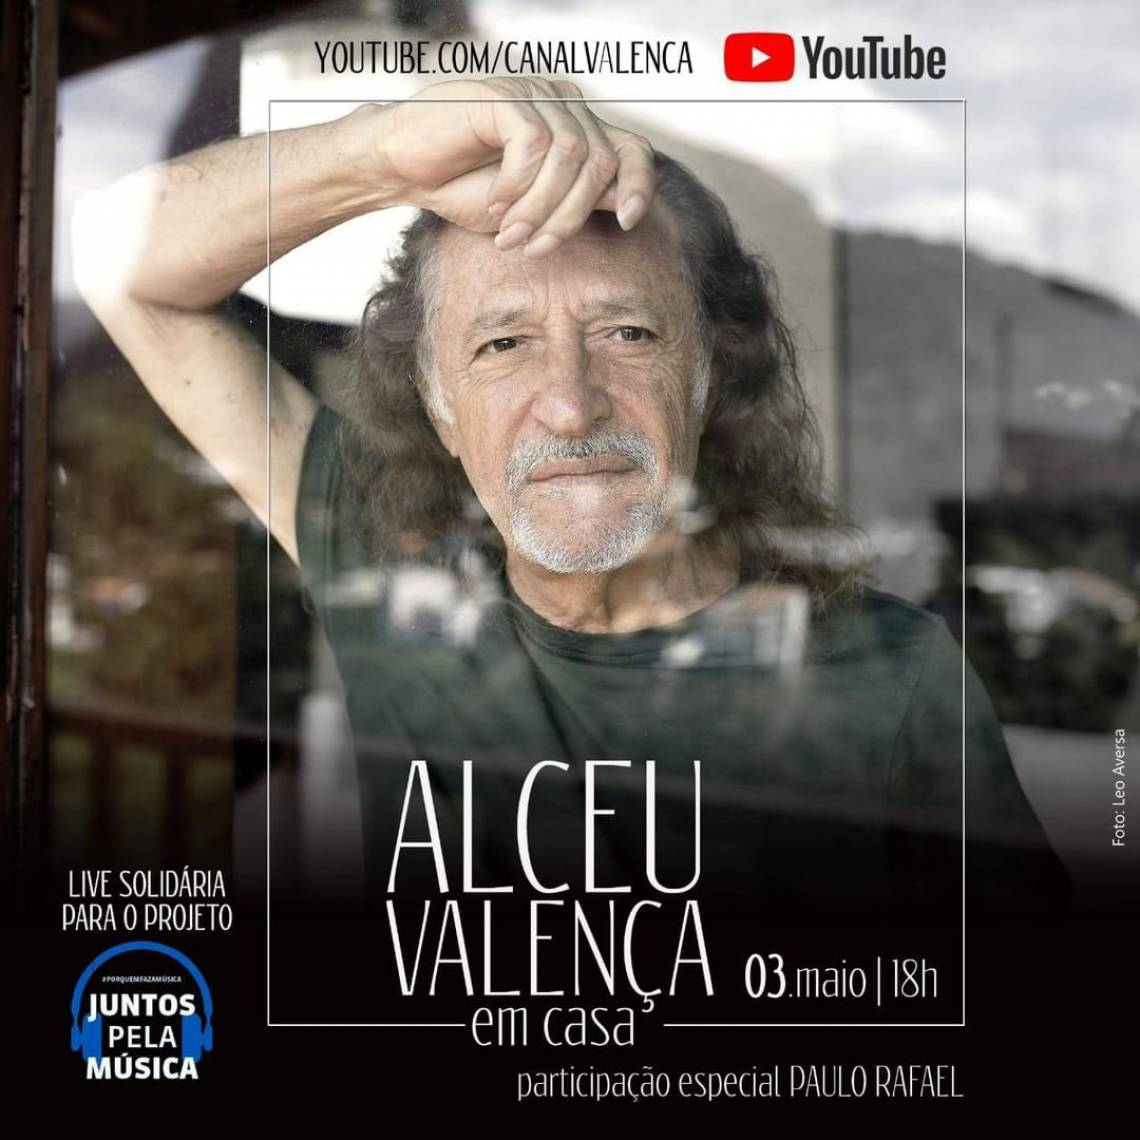 Acompanhe a agenda de transmissões ao vivo online - live - de artistas nacionais e internacionais para hoje, domingo, 3 de maio (03/05); Alceu Valença é uma das atrações da noite